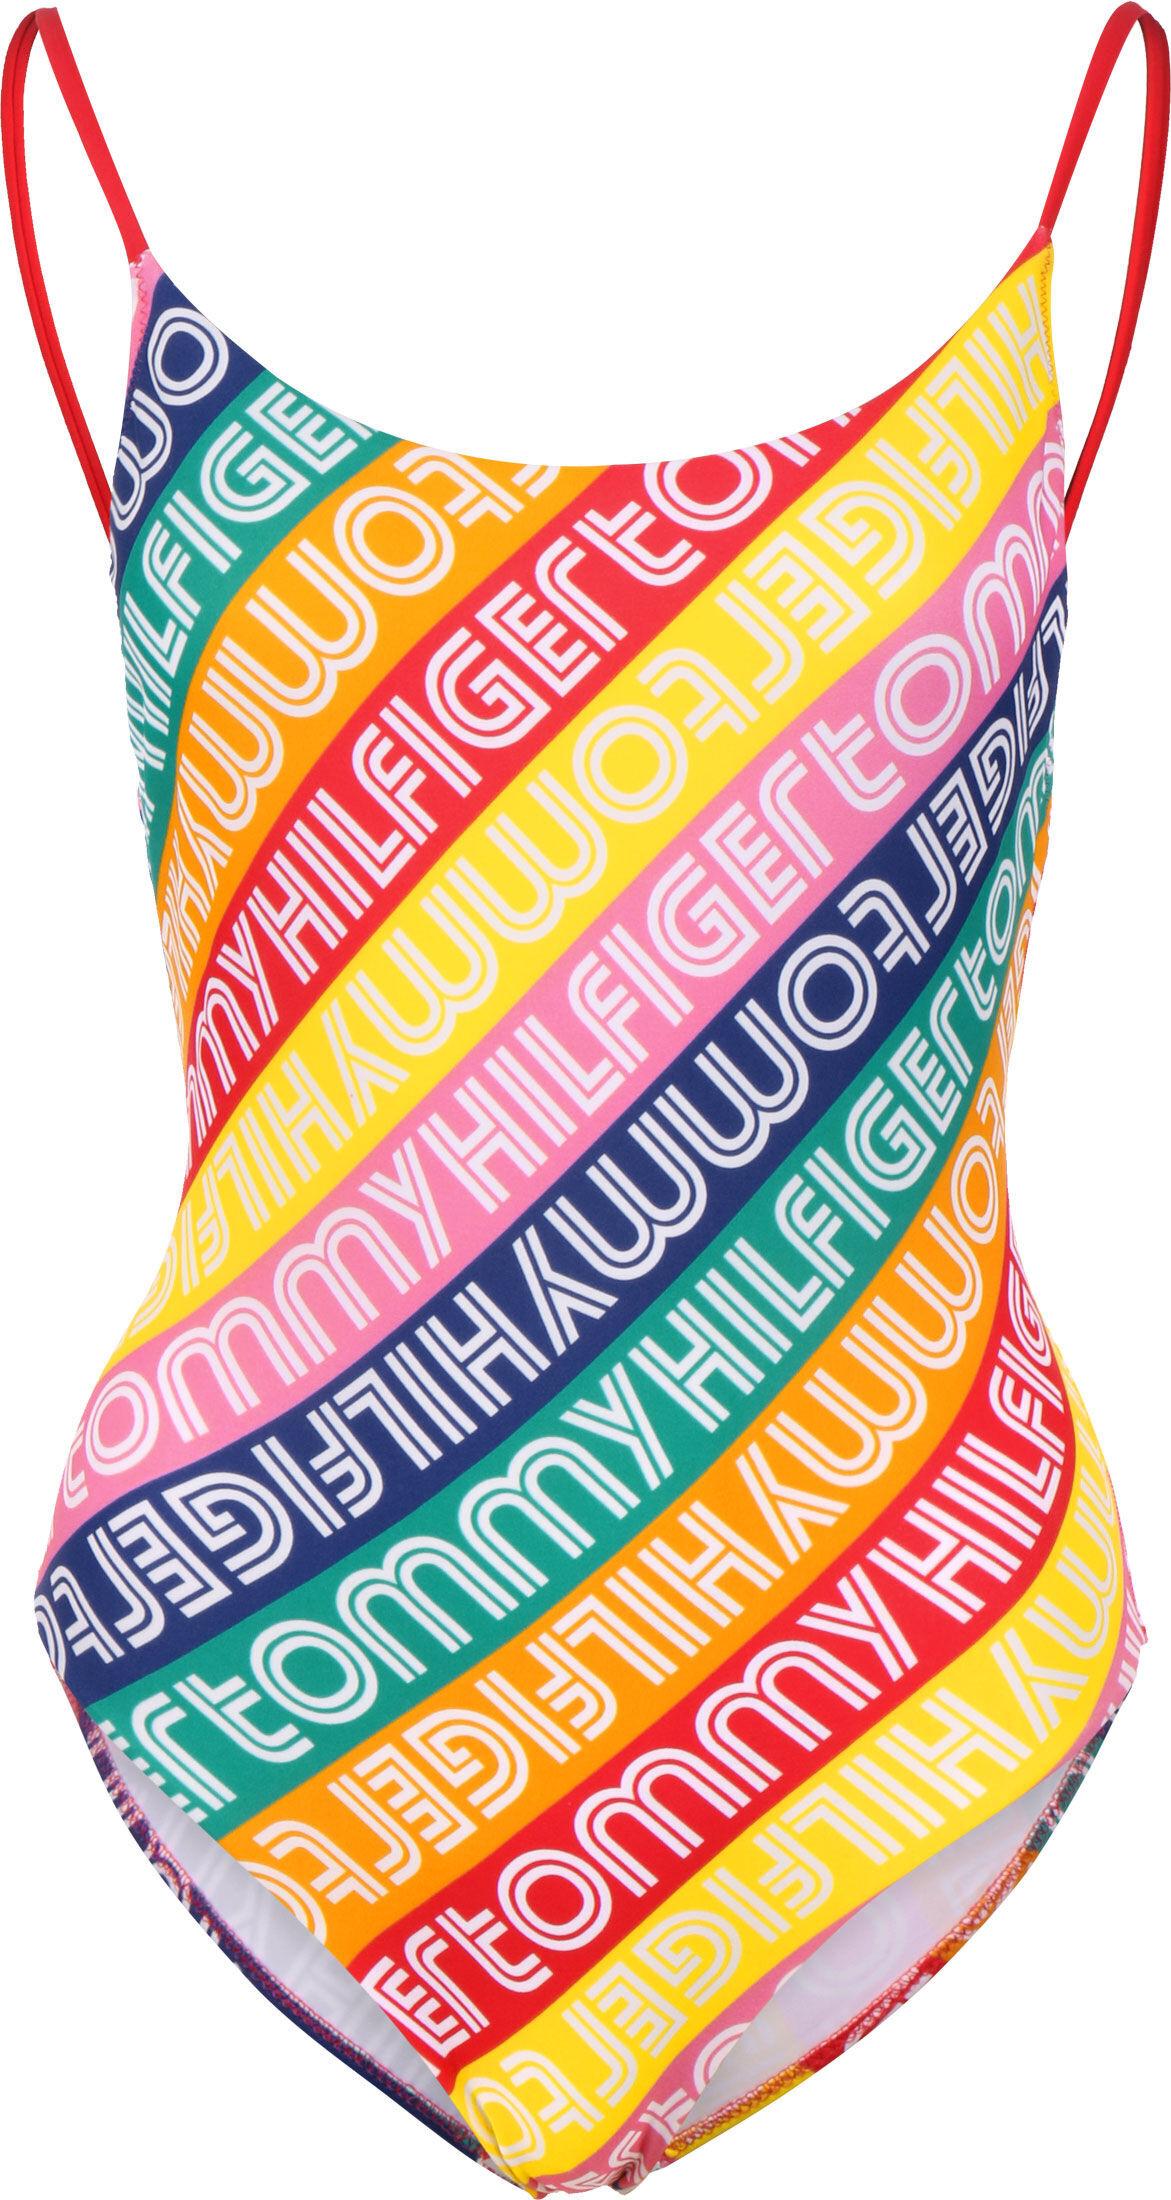 Tommy Hilfiger maillot de bain, XS, femme multi-couleur rayé